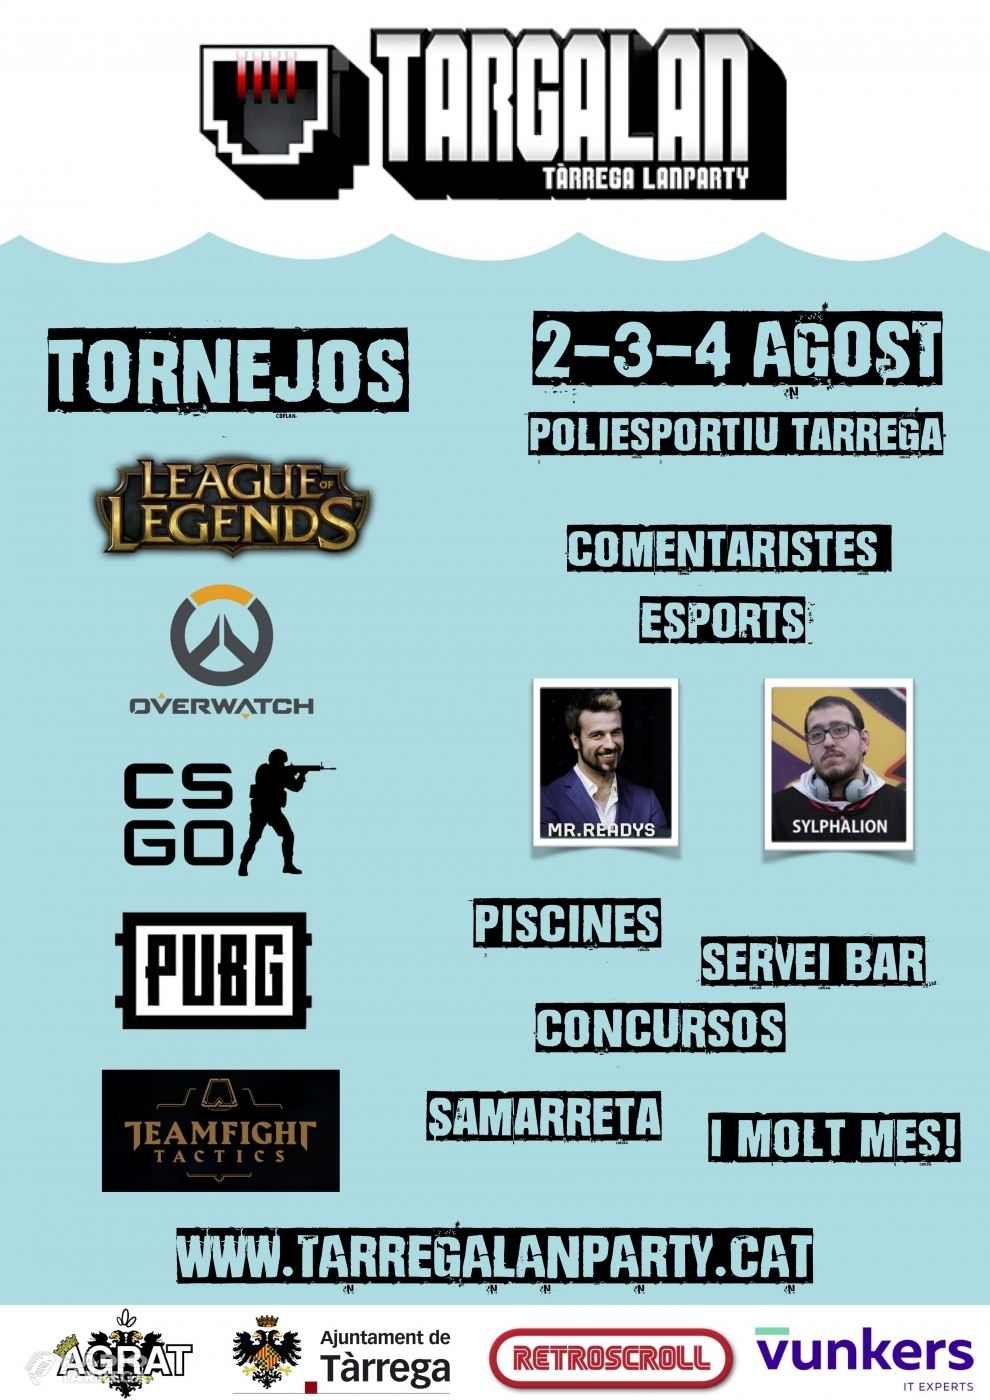 La 7a edició de la Targalan, del 2 al 4 d'agost, comptarà amb 2 populars comentaristes d'eSports